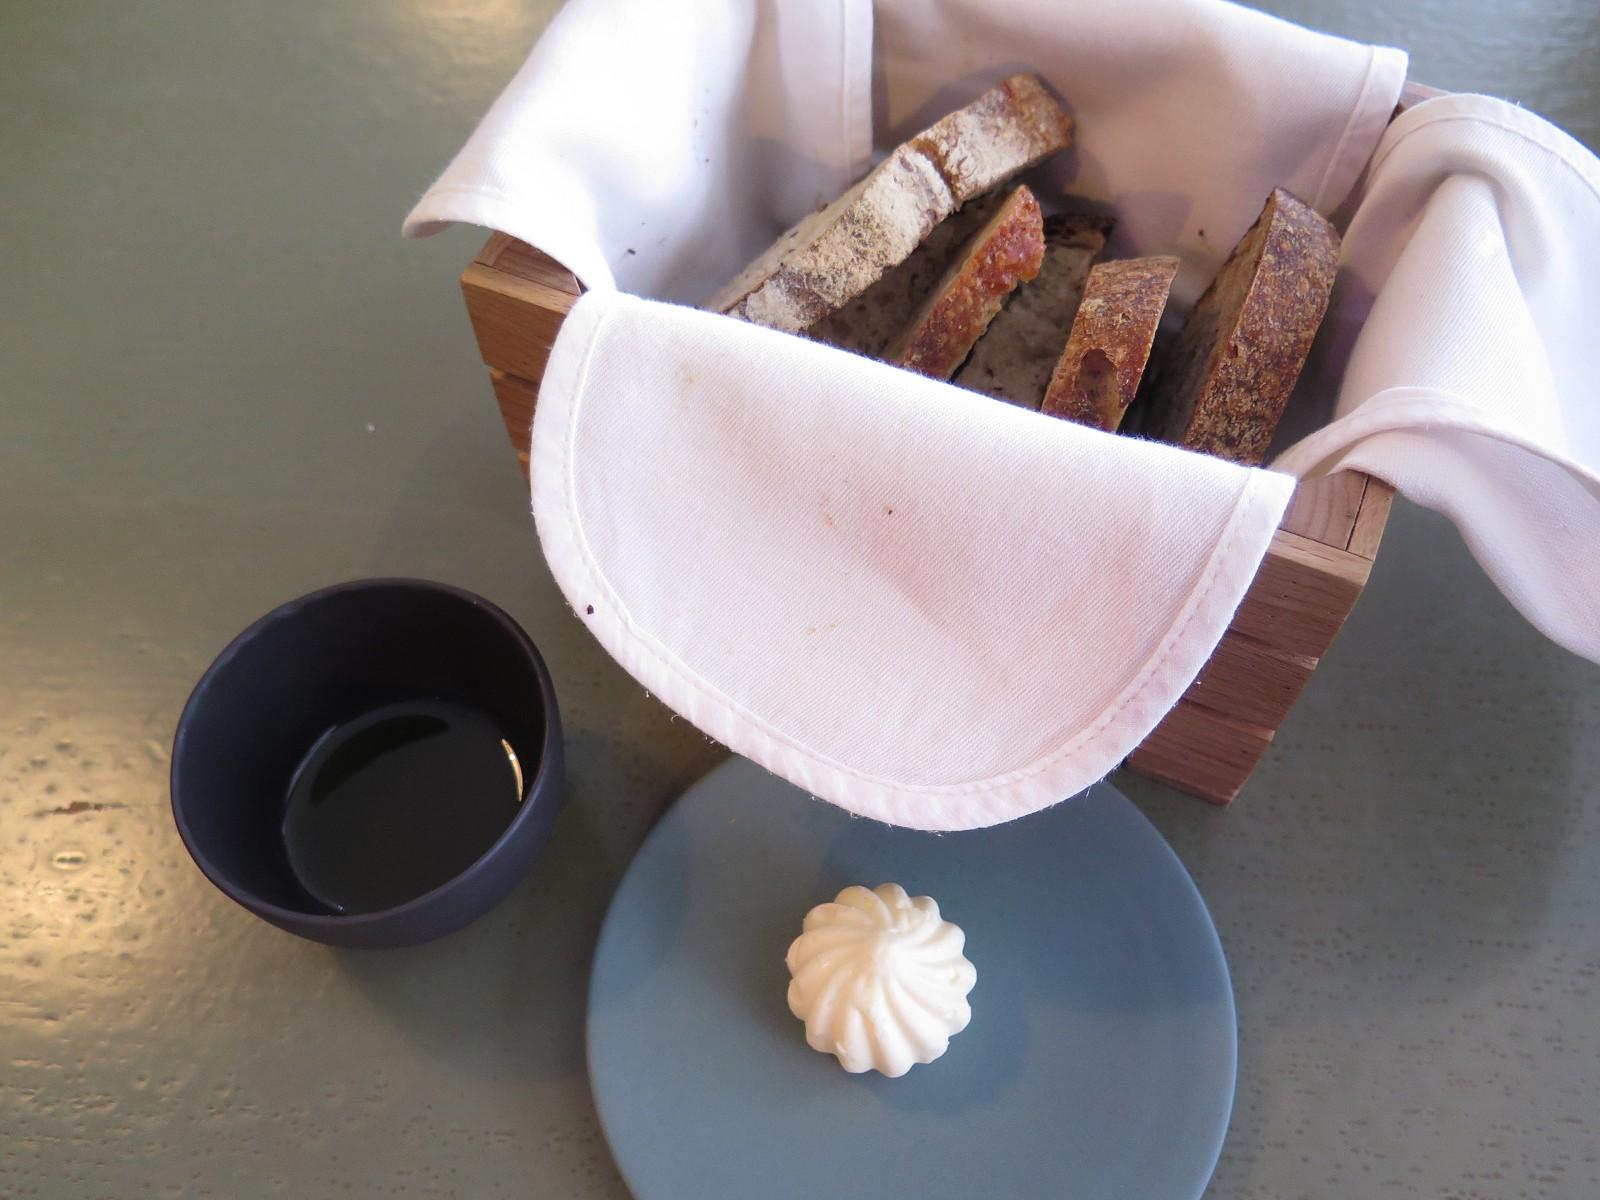 Seleção de Pães do Dia (da padaria Gleba), Manteiga Batida e Azeite Monterosa Premium Picual